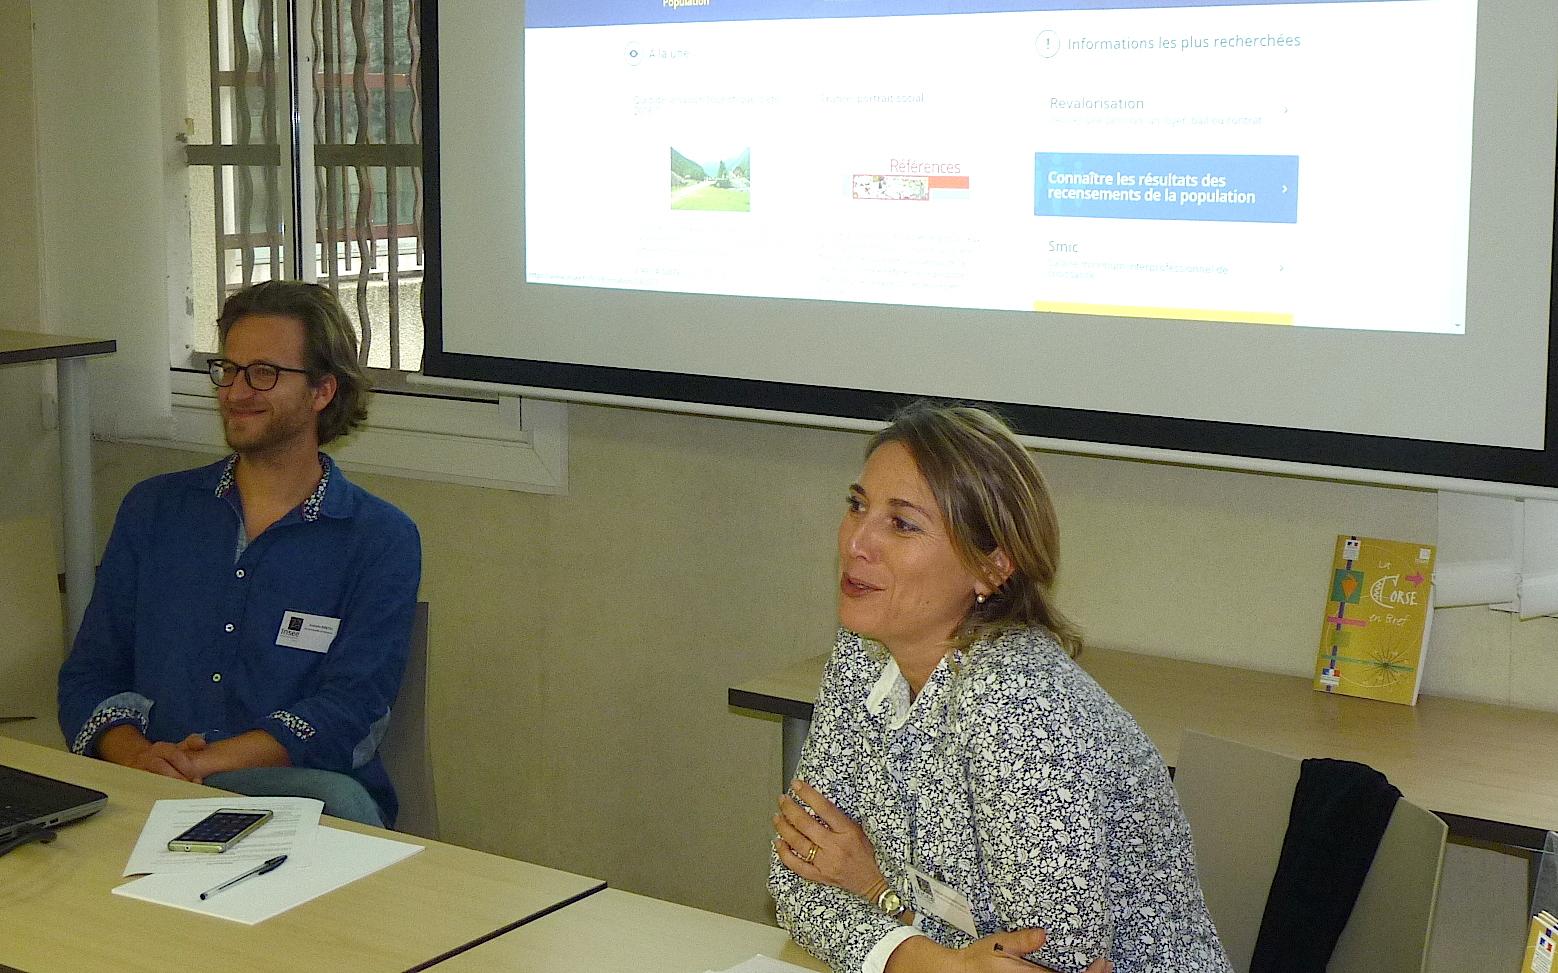 Ajaccio : L'INSEE a présenté son nouveau site internet